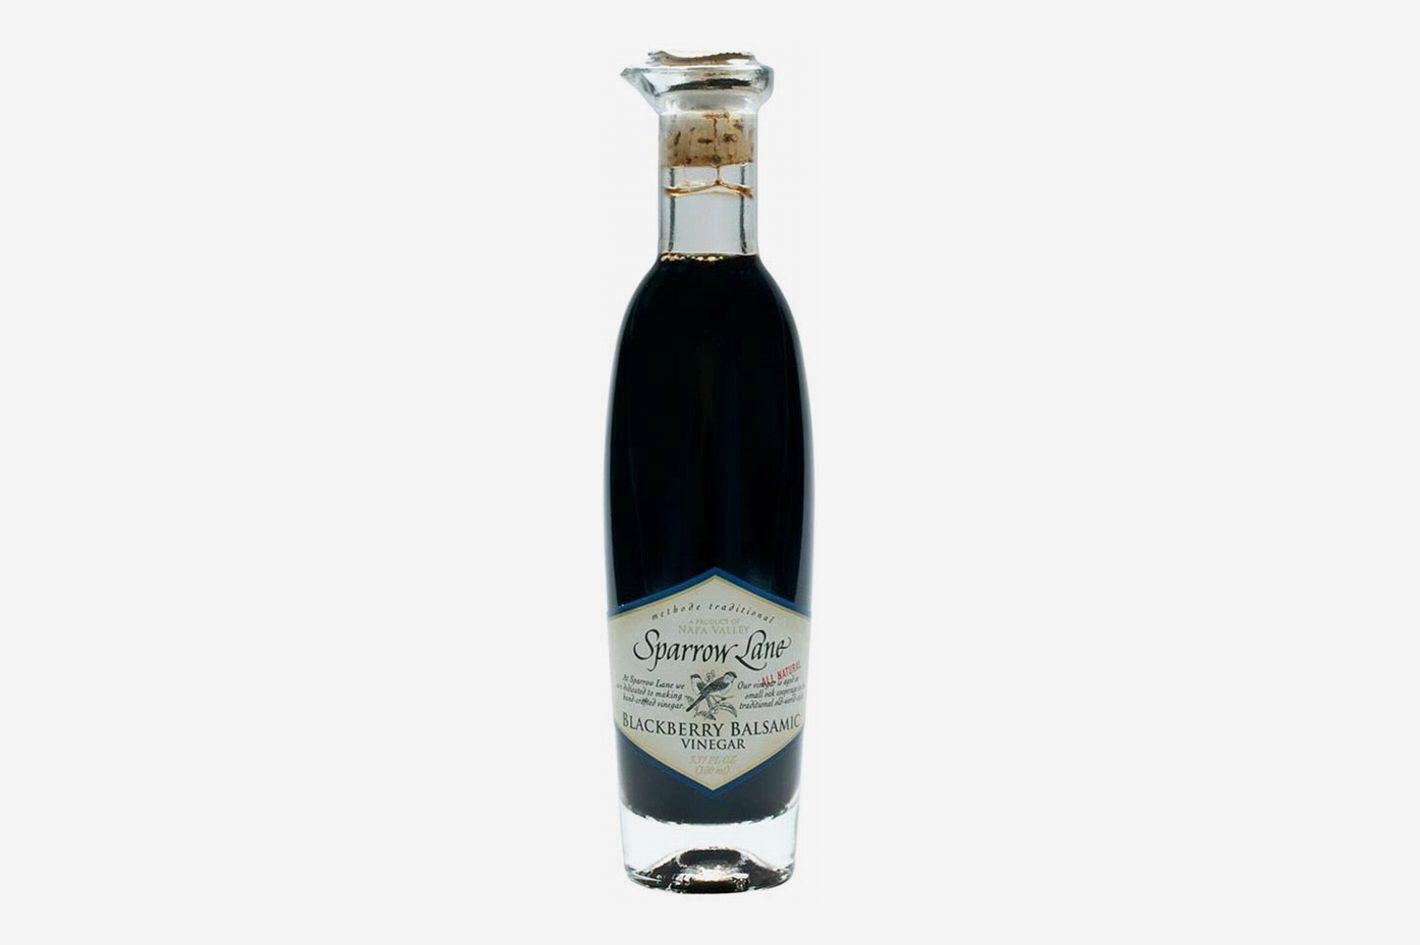 Sparrow Lane Blackberry Balsamic Vinegar